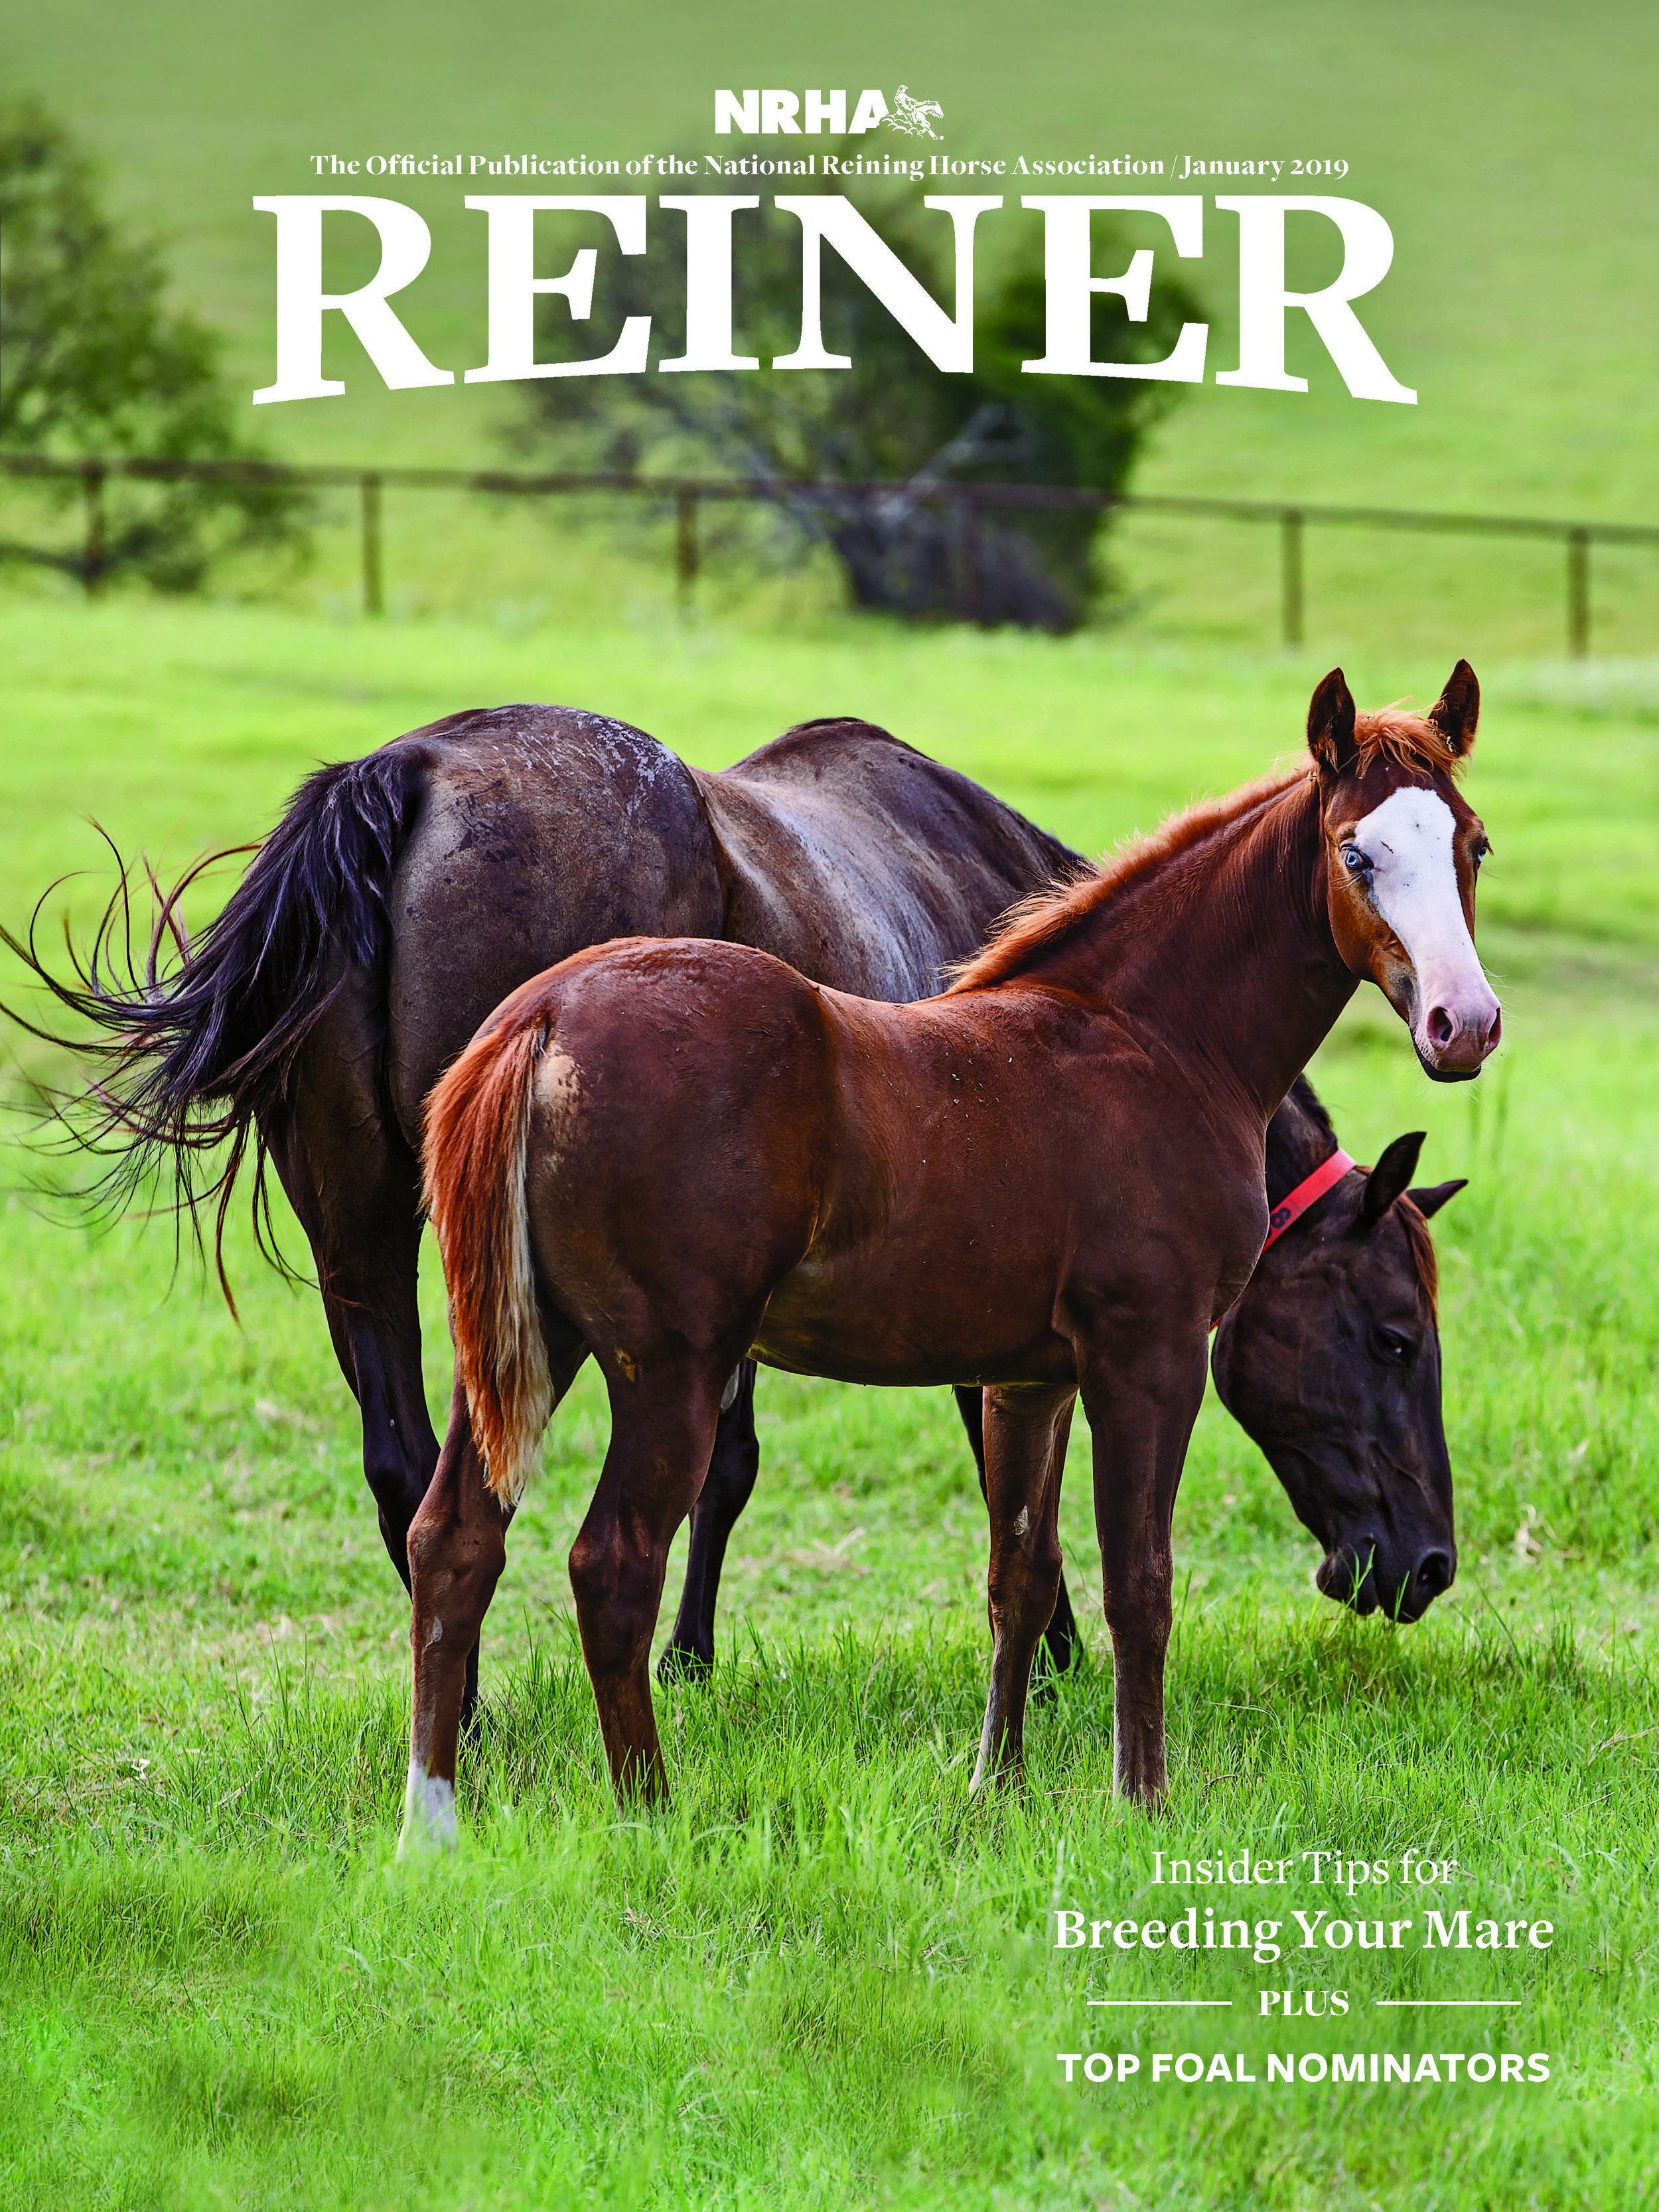 REINER-1901-COVER.jpg